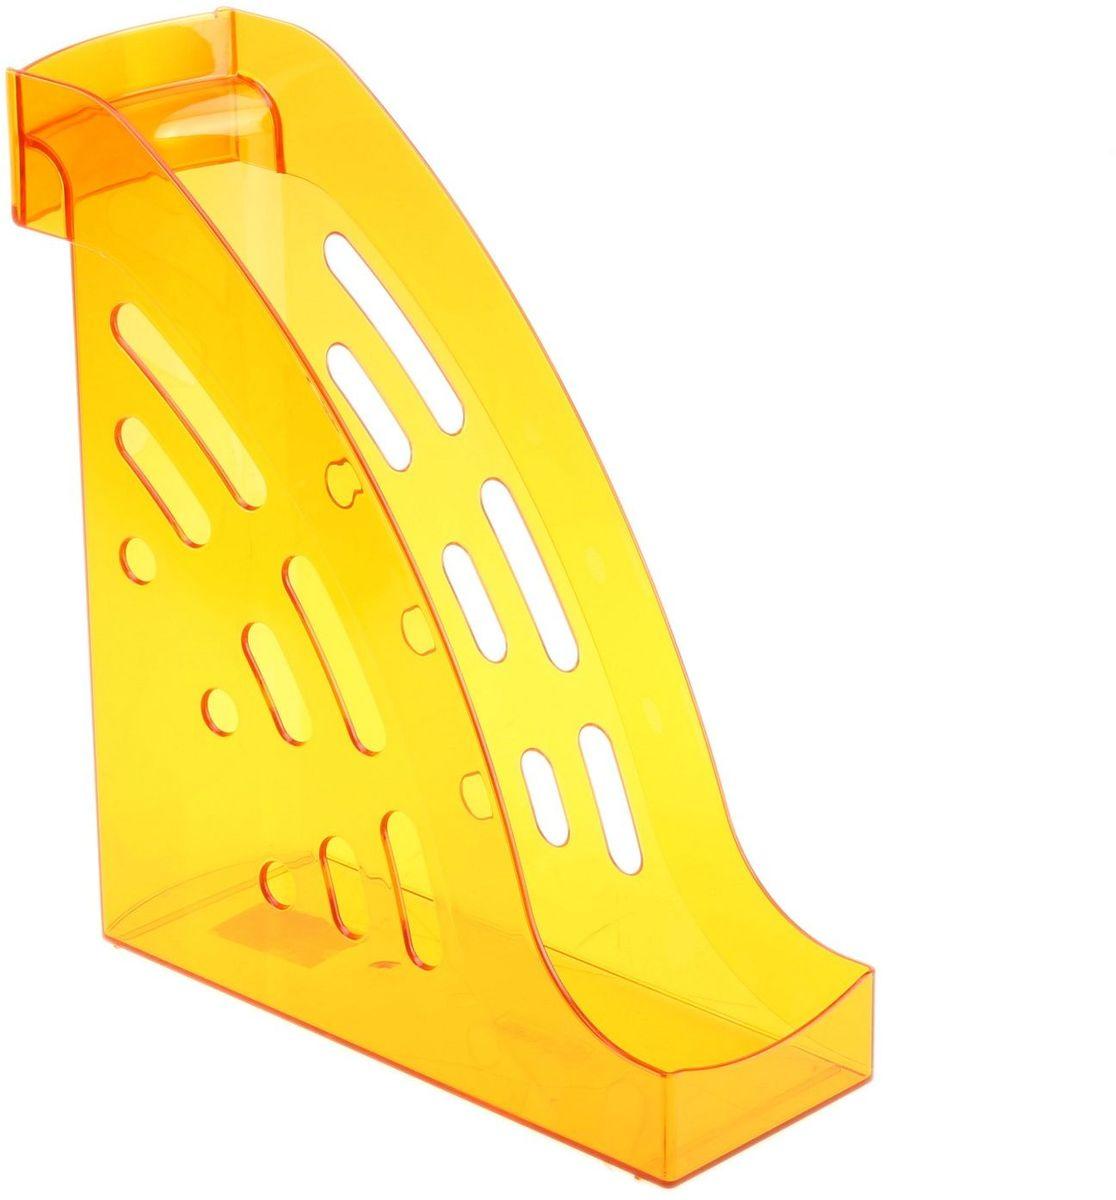 Стамм Лоток для бумаг вертикальный Торнадо цвет манго609297Лоток для бумаг Стамм выполнен в современном элегантном дизайне из высококачественного пластика.Лоток имеет одно отделение для листов формата А4, на рабочем столе устанавливается вертикально.С лотком для бумаг Стамм у вас больше не возникнут сложности с поддержанием порядка на столе!